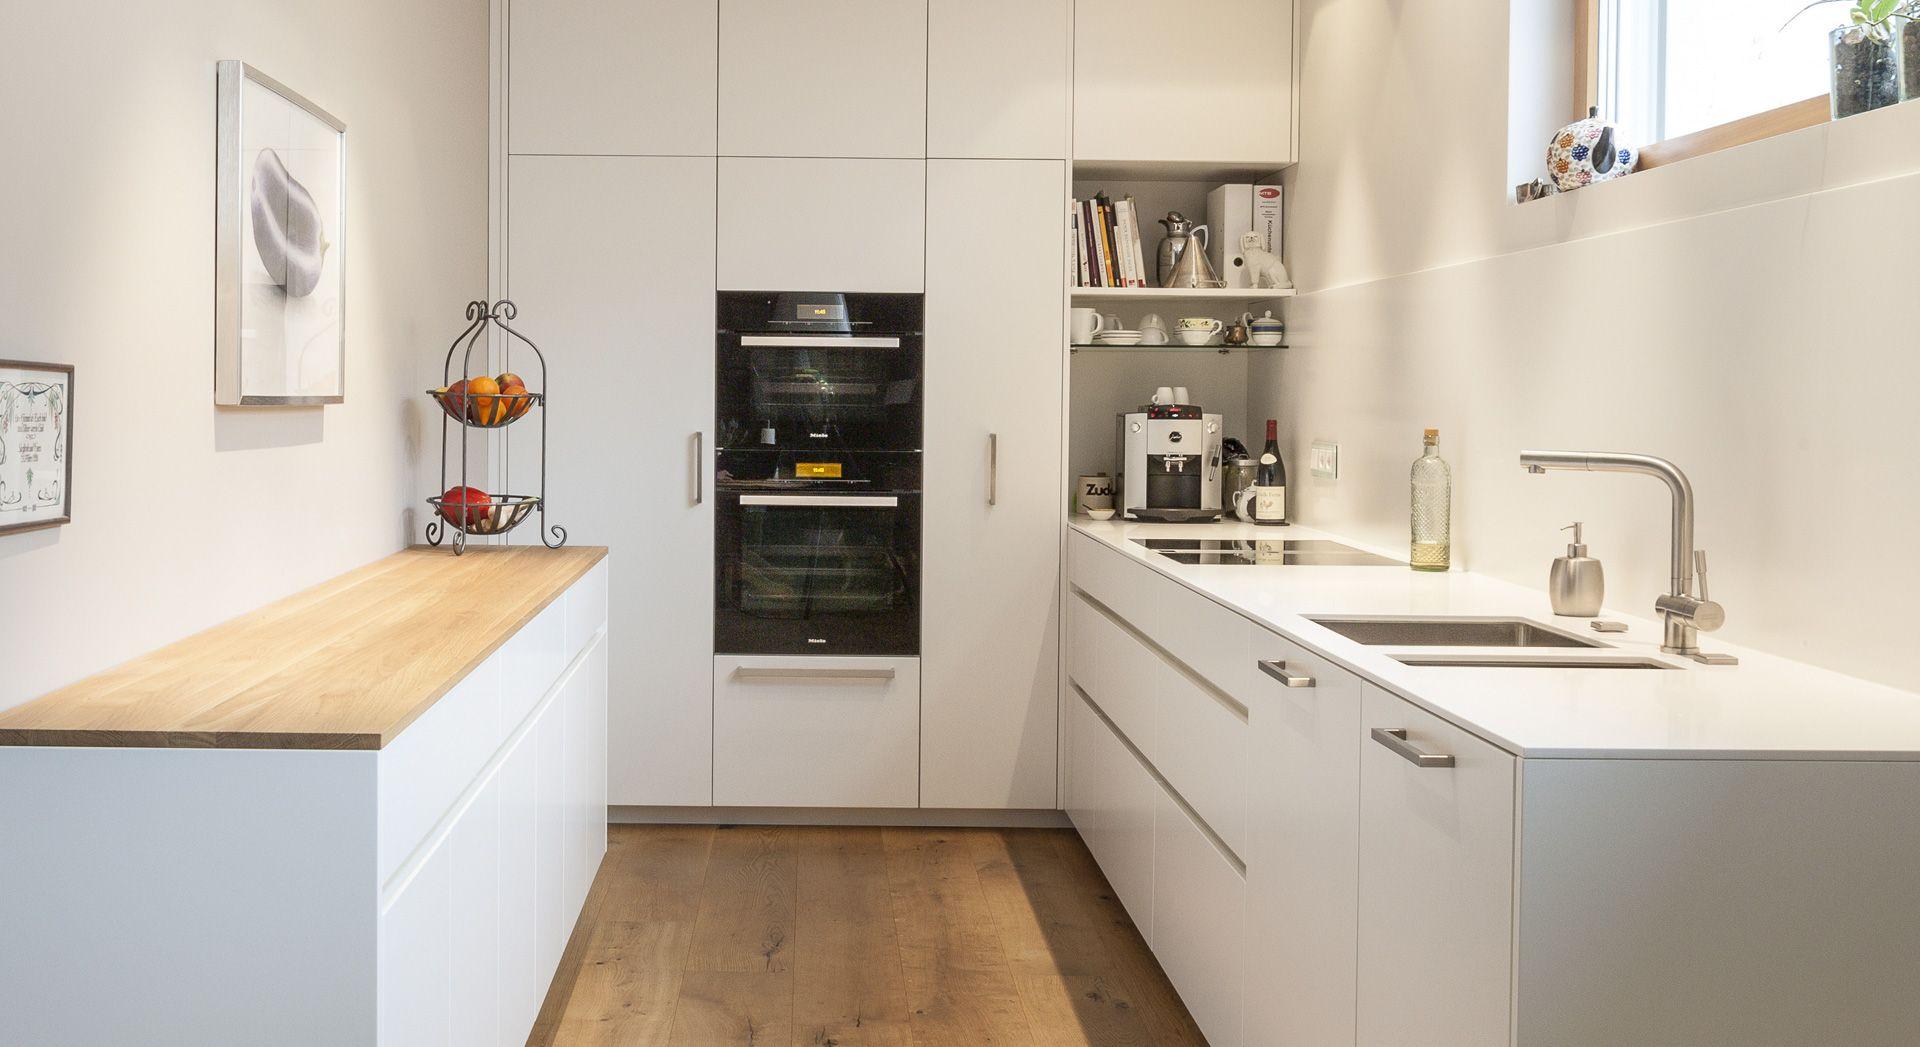 Küche weiss, Mineralwerkstoff, Eiche | Firmenküche | Pinterest ...